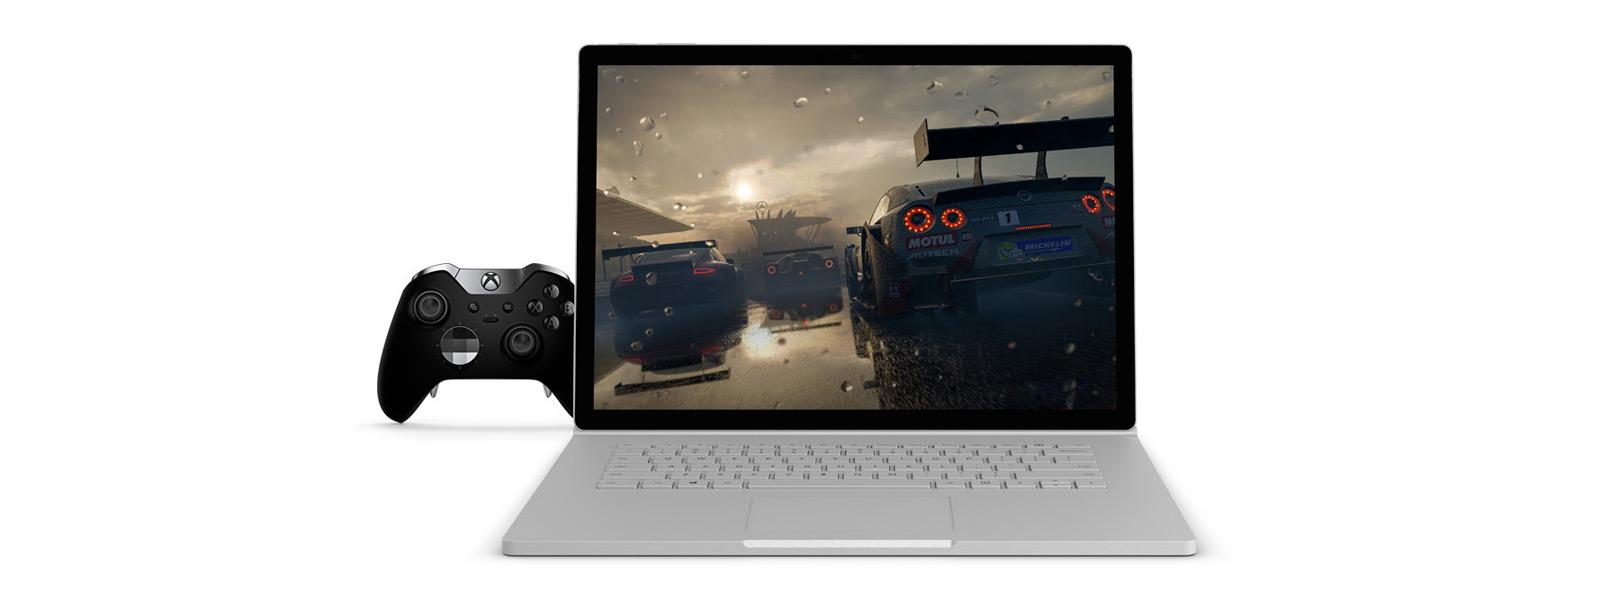 15 英寸 Surface Book 2 上显示《极限竞速:地平线 4》(Forza Horizon 4) 游戏作品,侧边连接了 Xbox 精英控制器